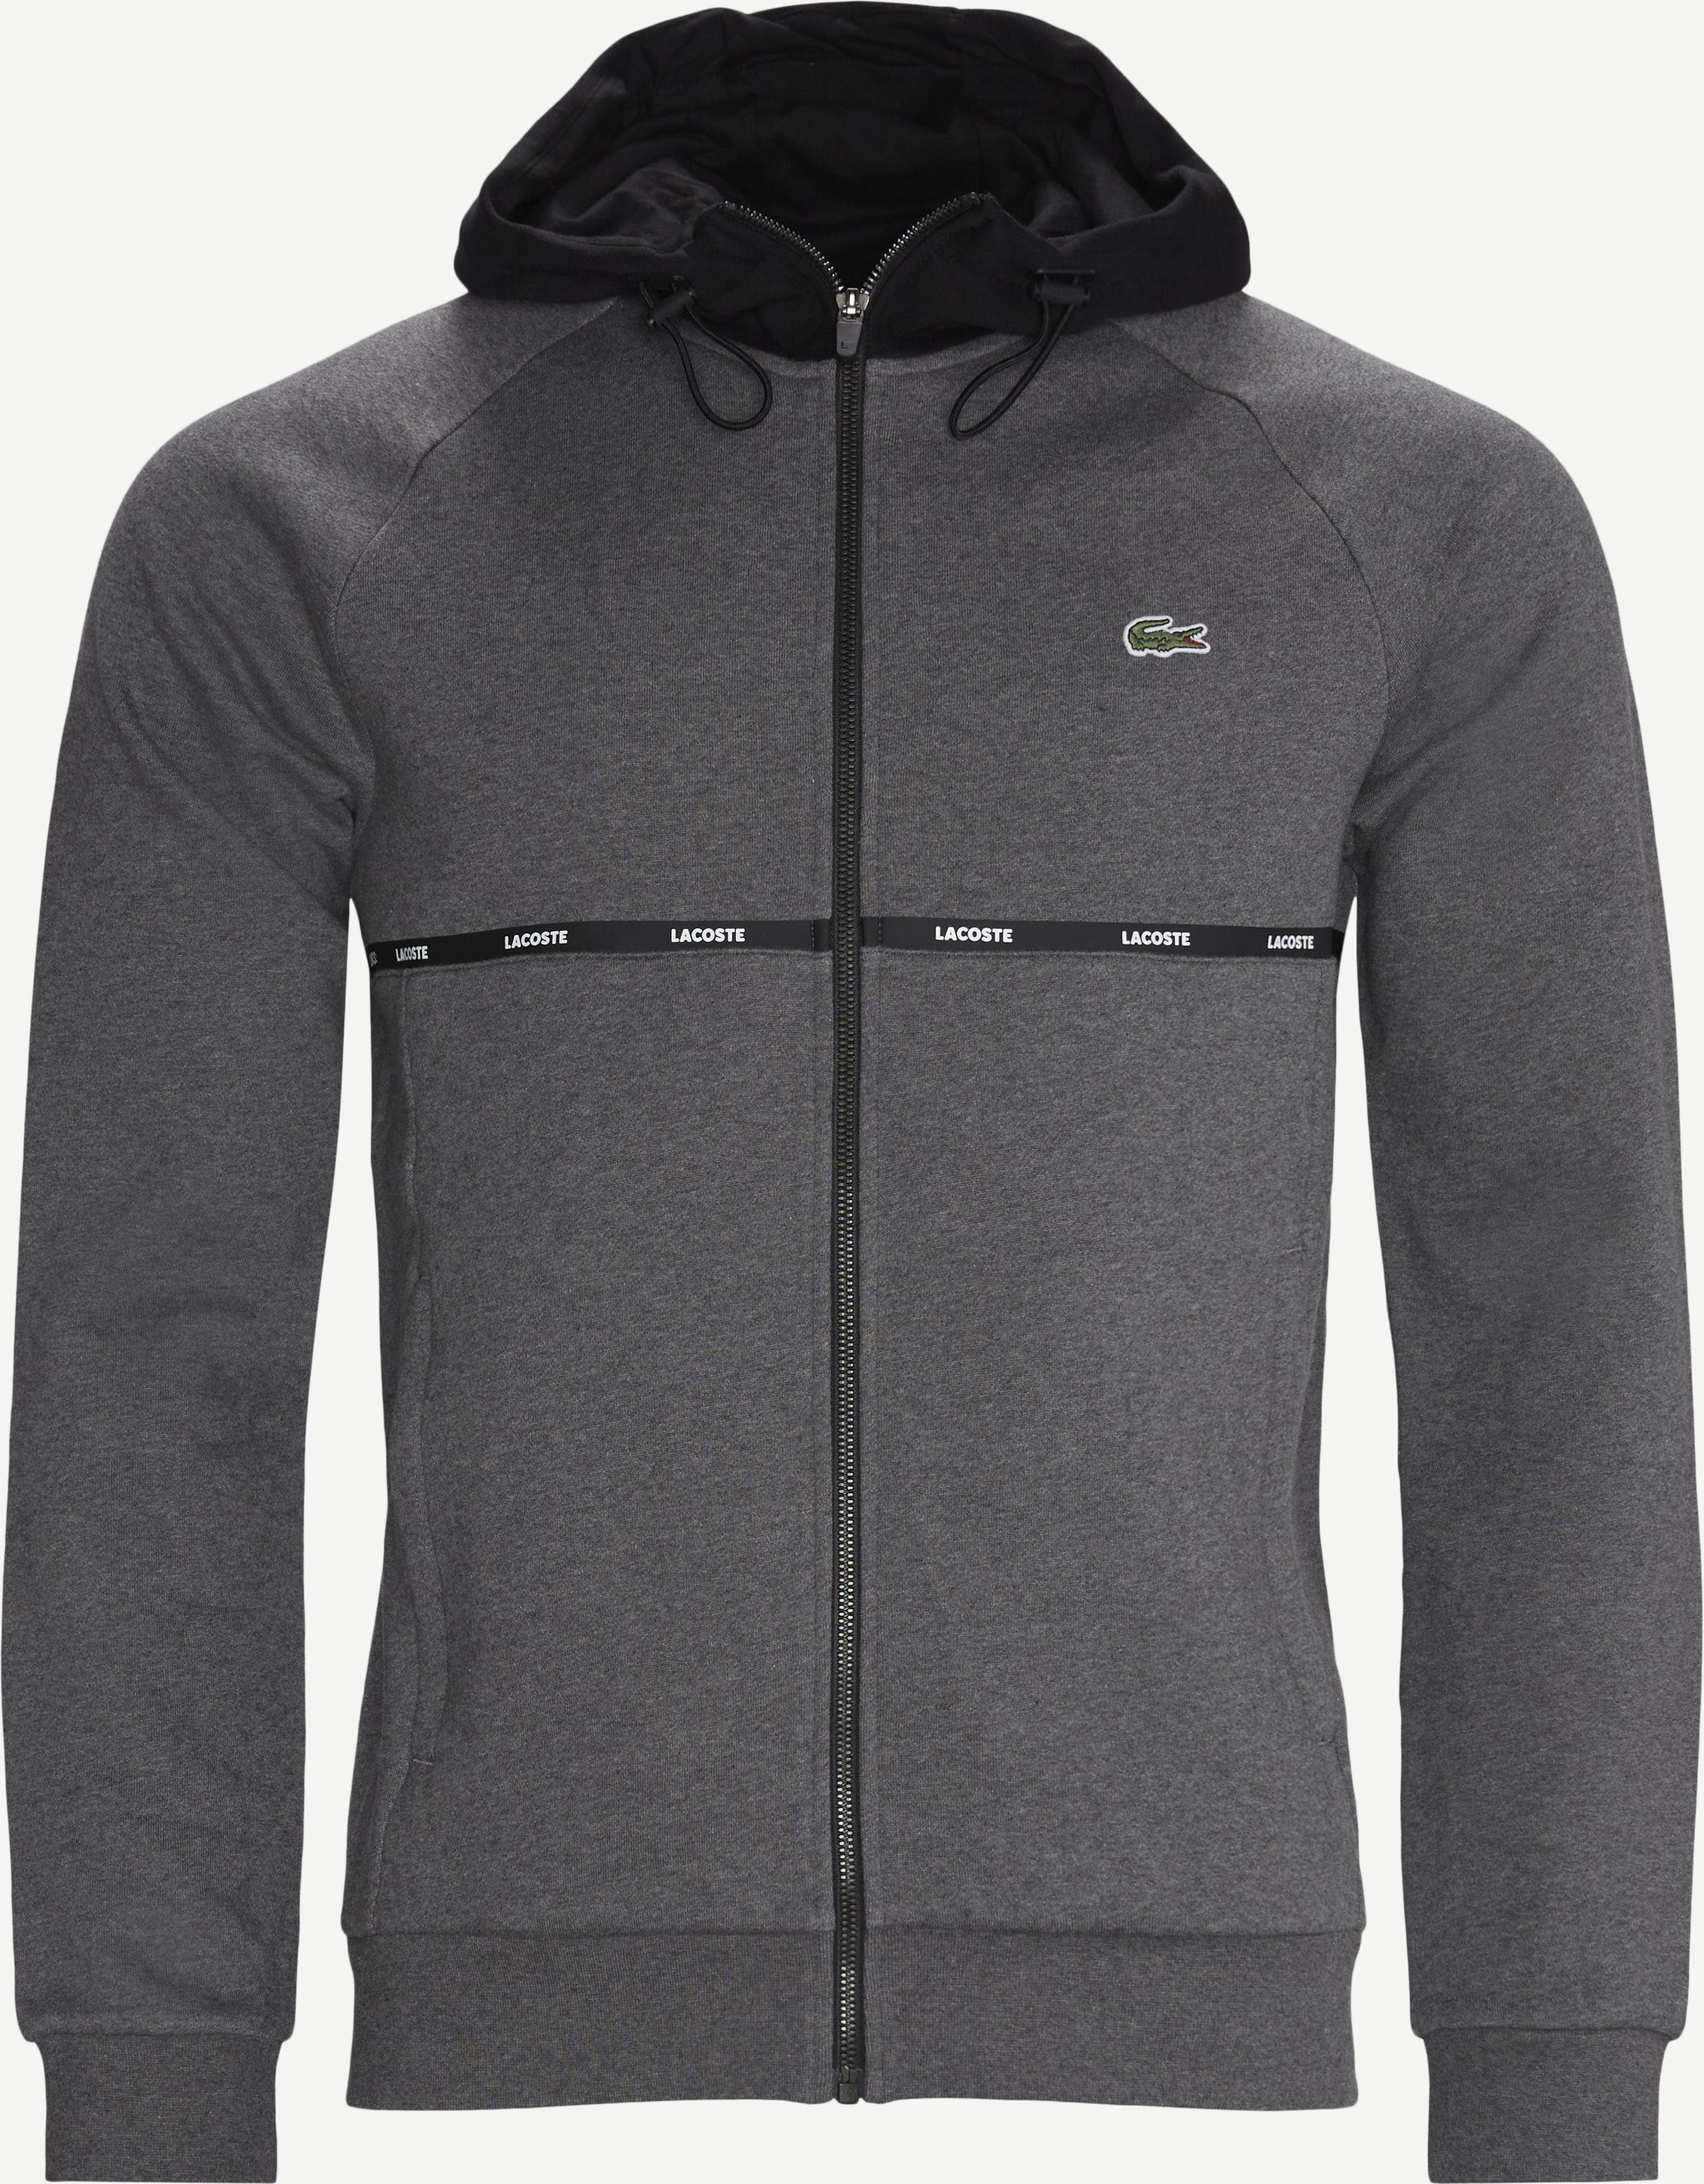 Hooded Two-Tone Fleece Zip Sweatshirt - Sweatshirts - Regular - Grey